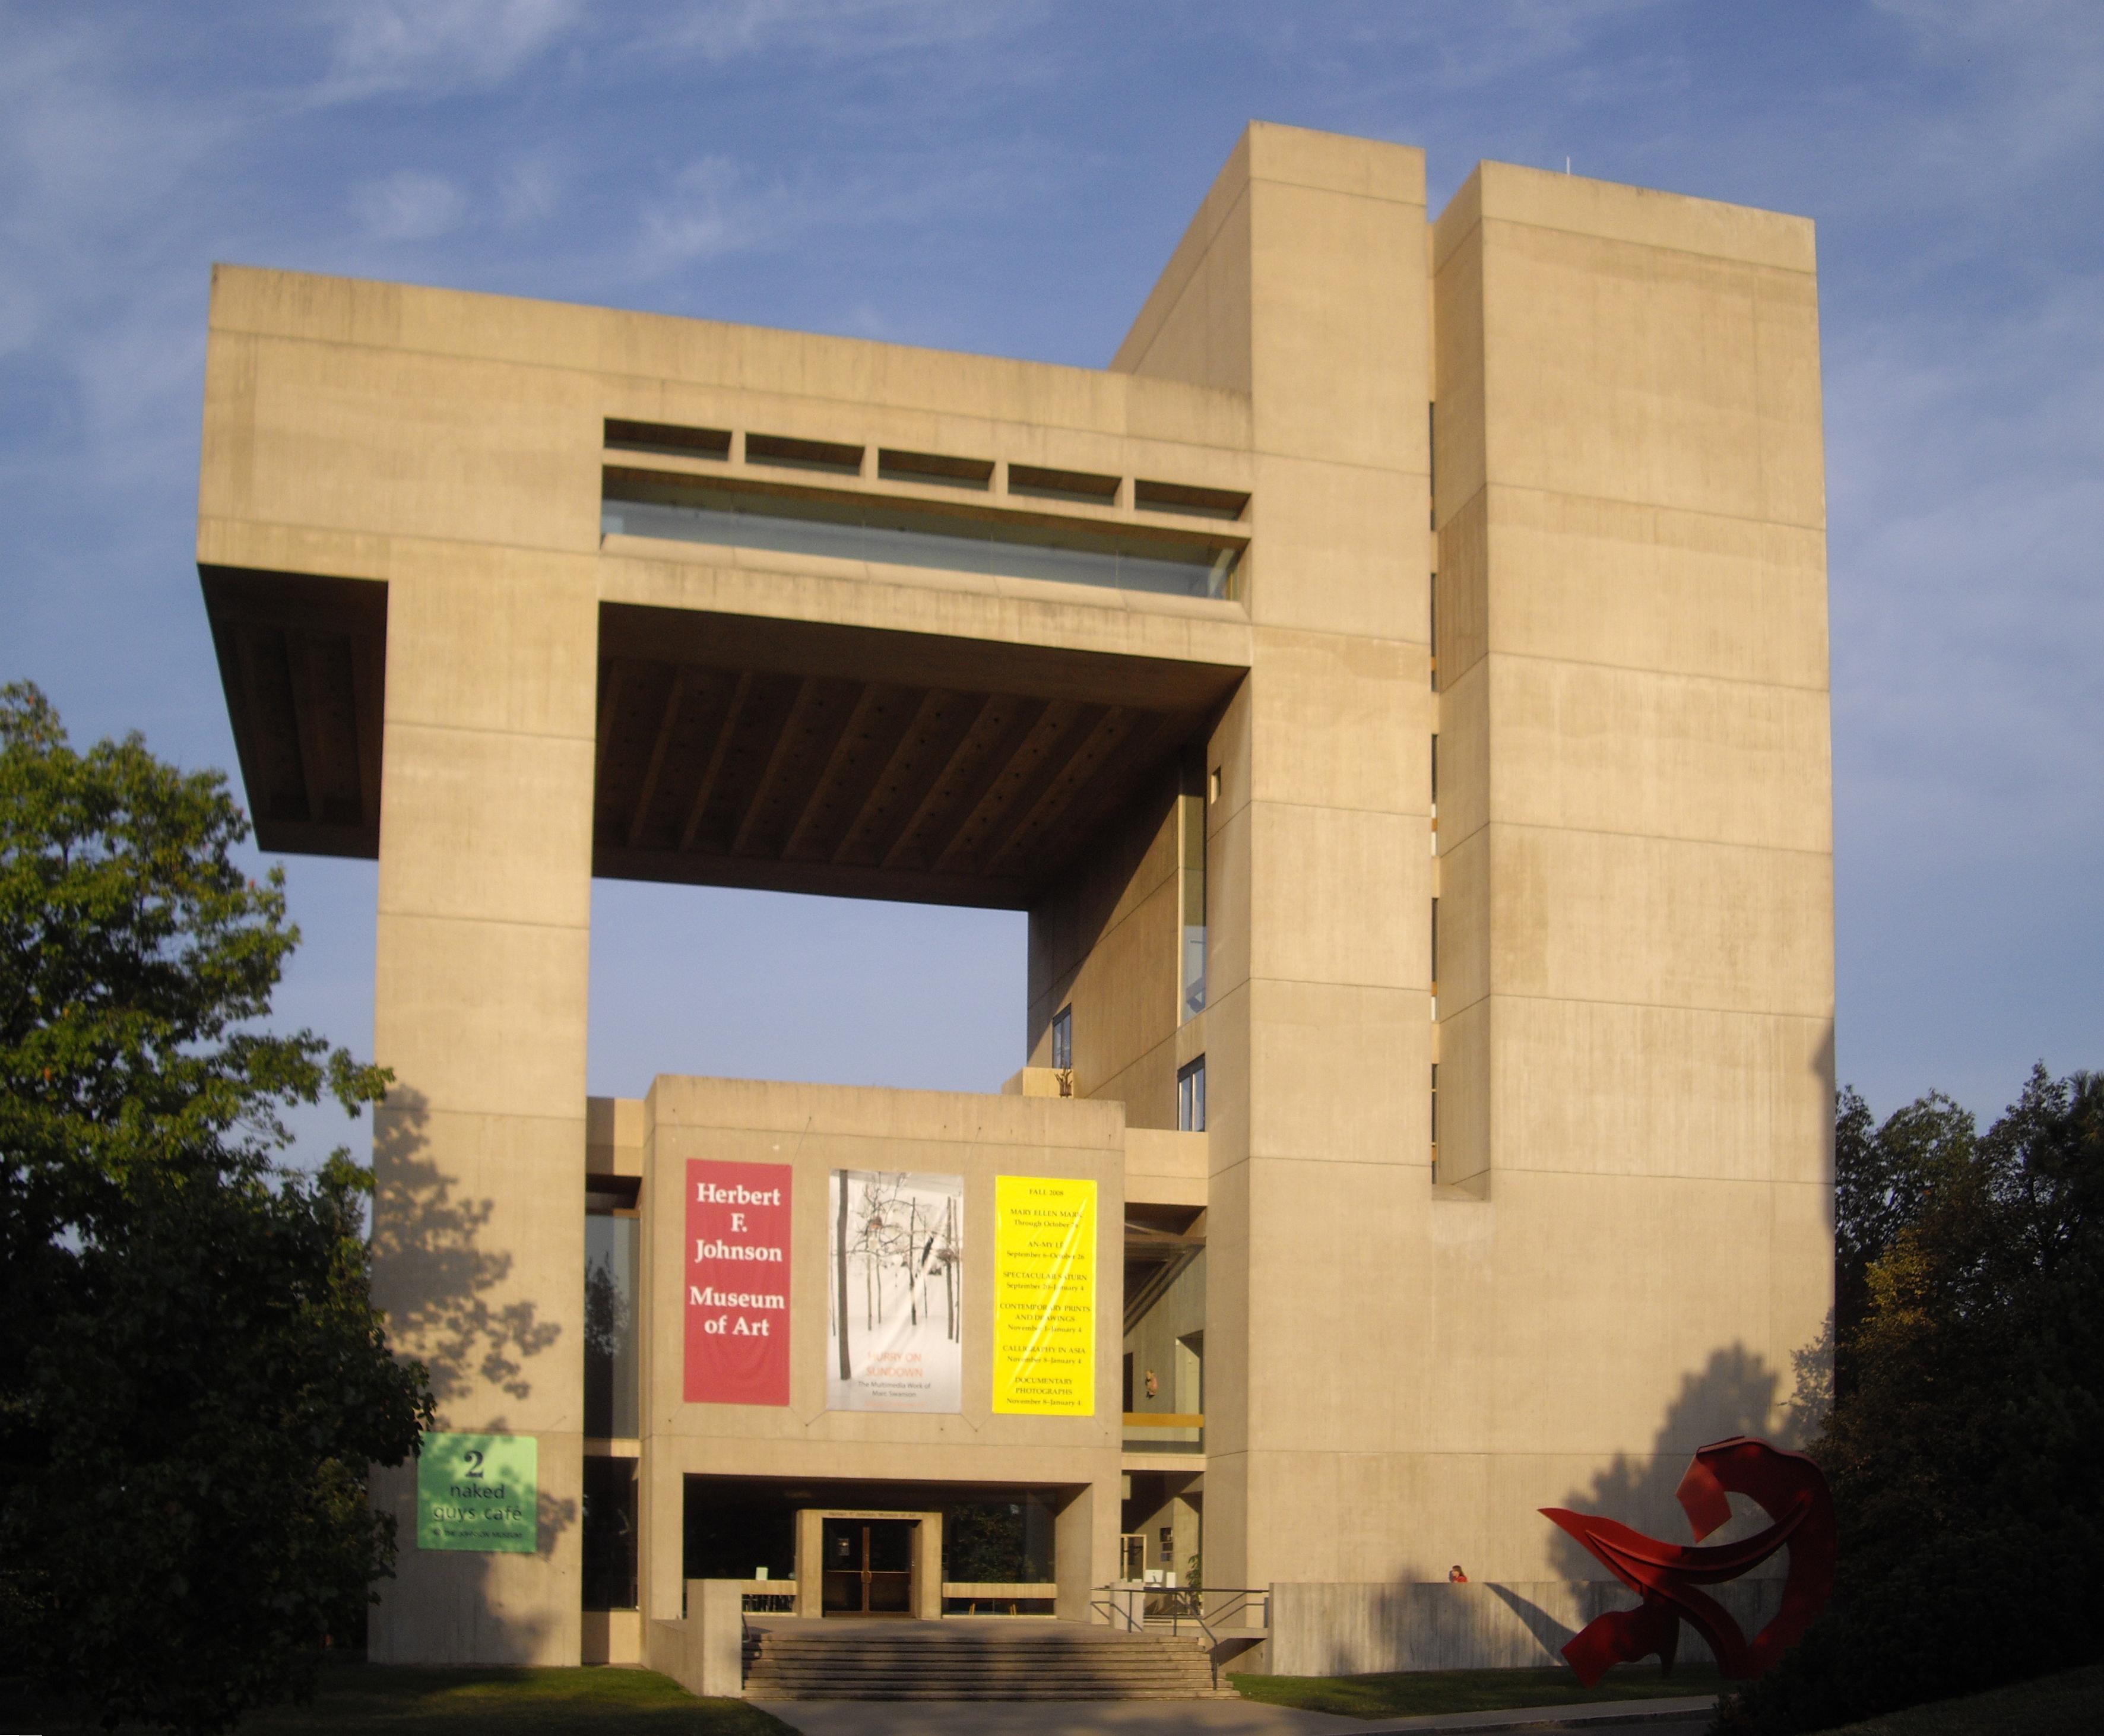 HF Johnson Museum of Art